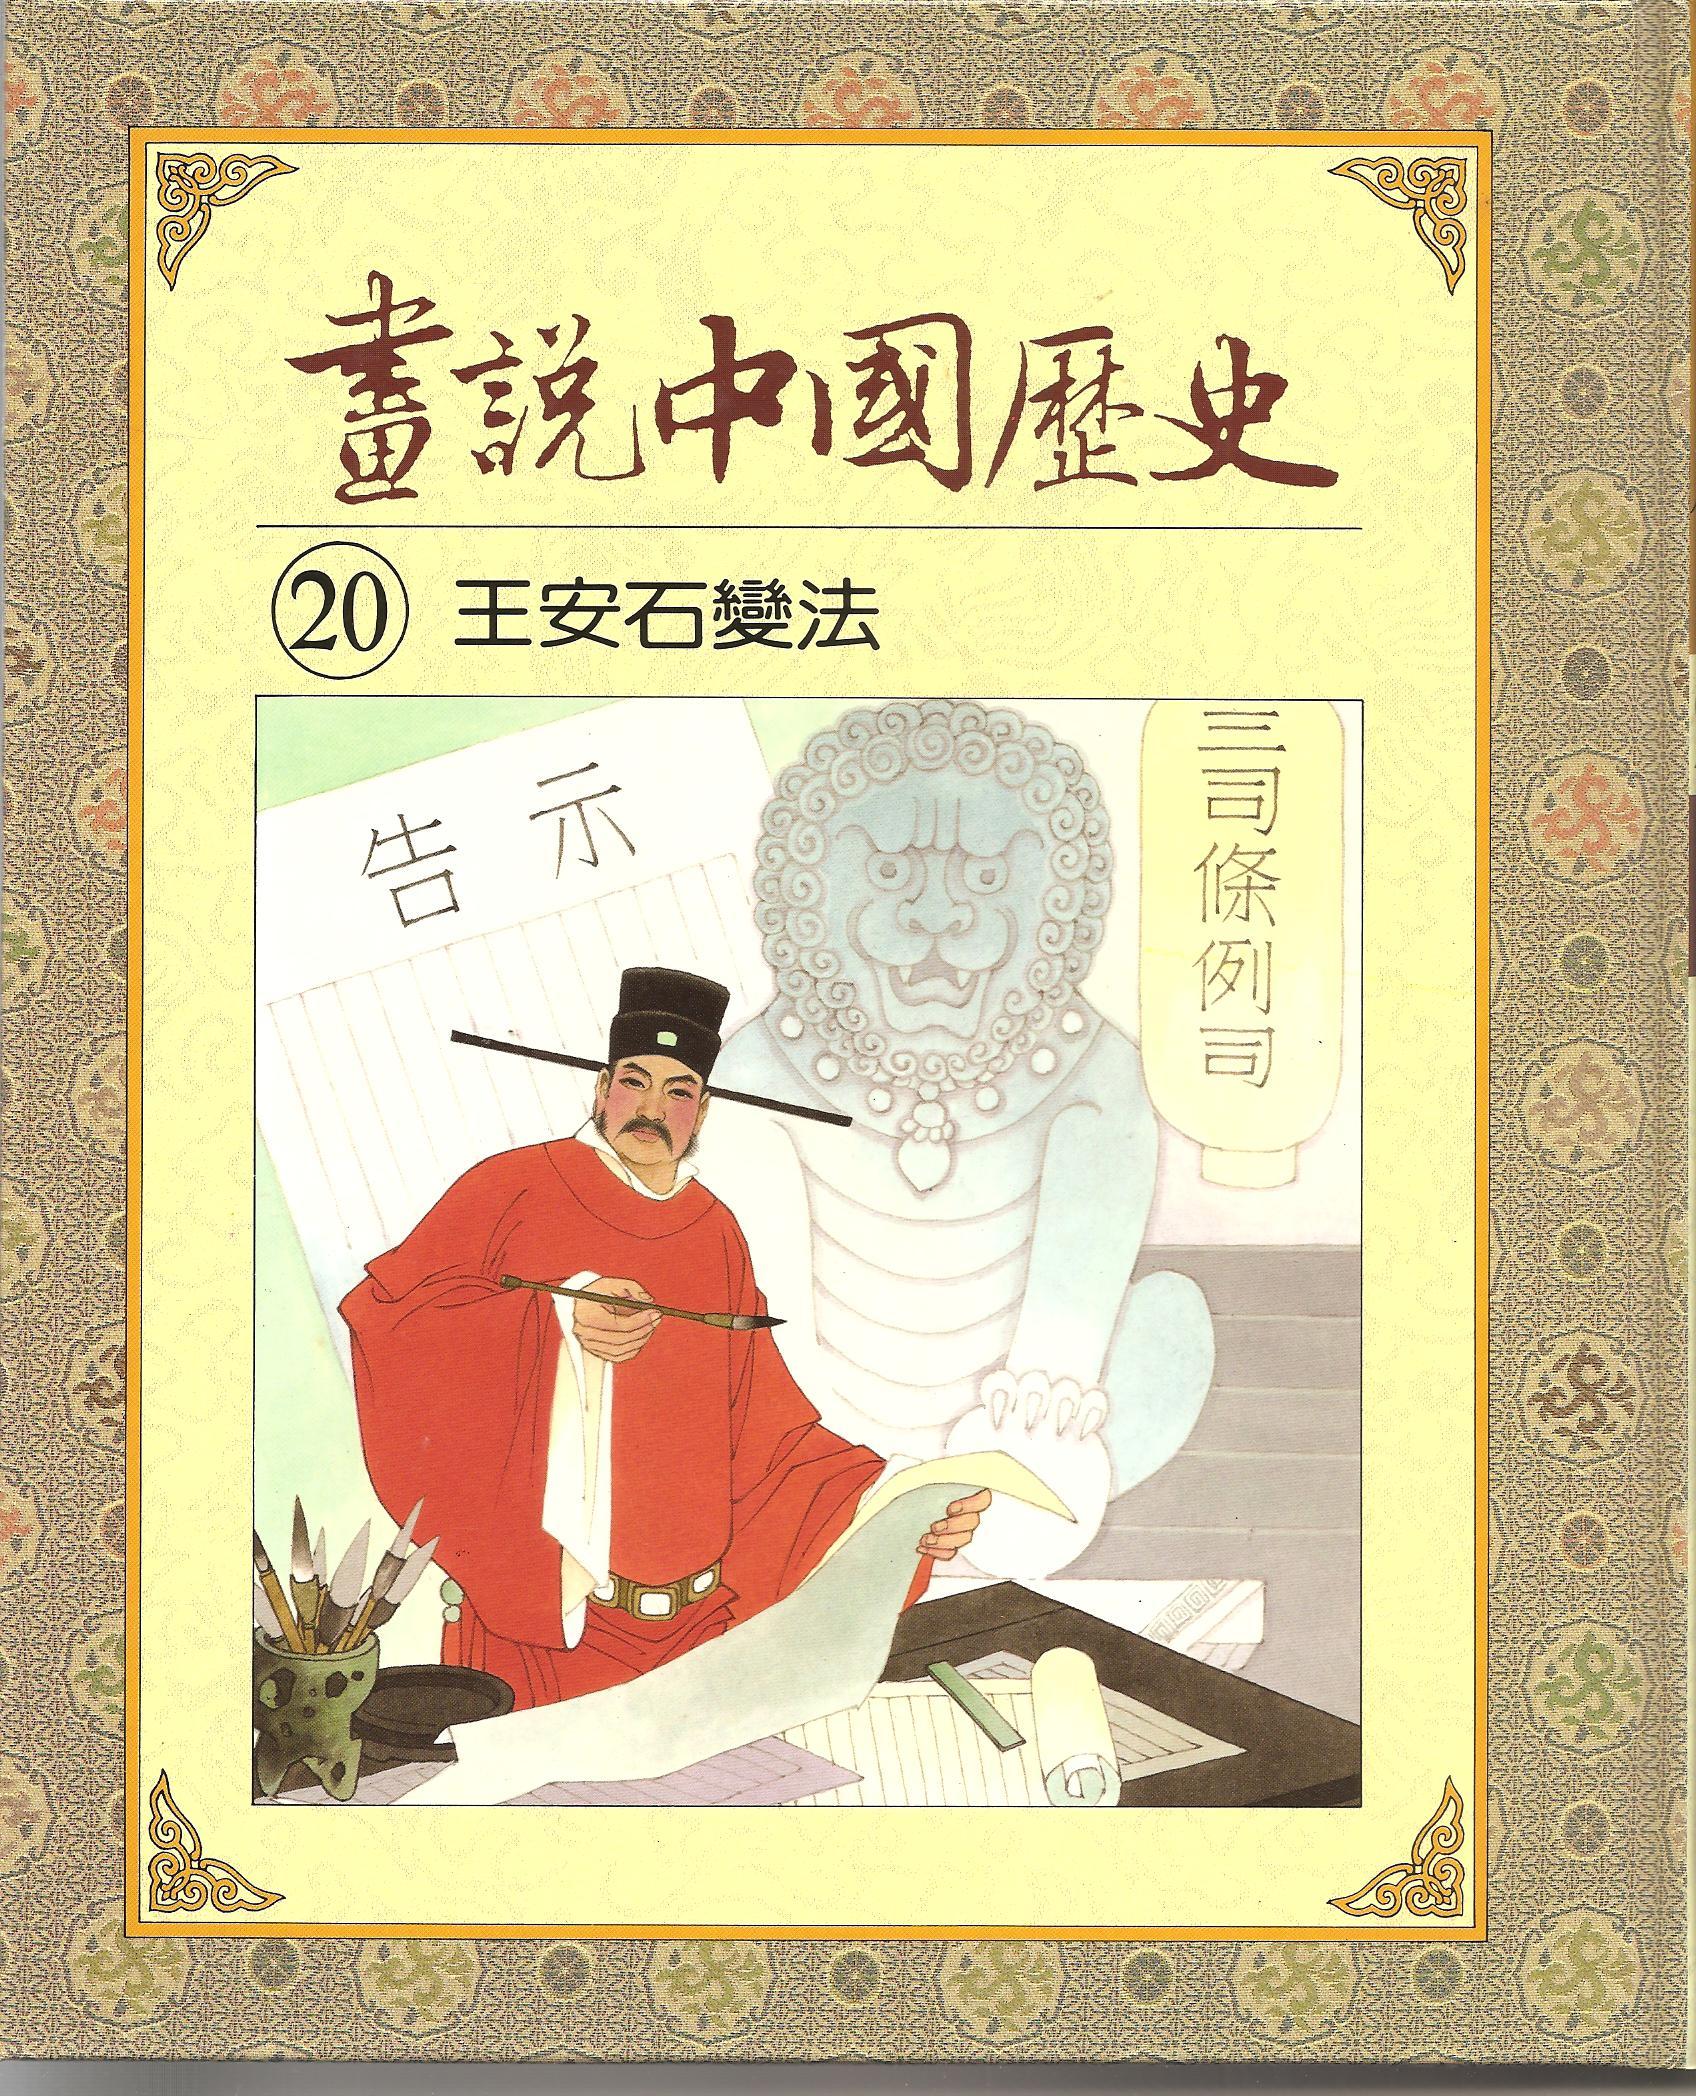 畫說中國歷史20: 王安石變法